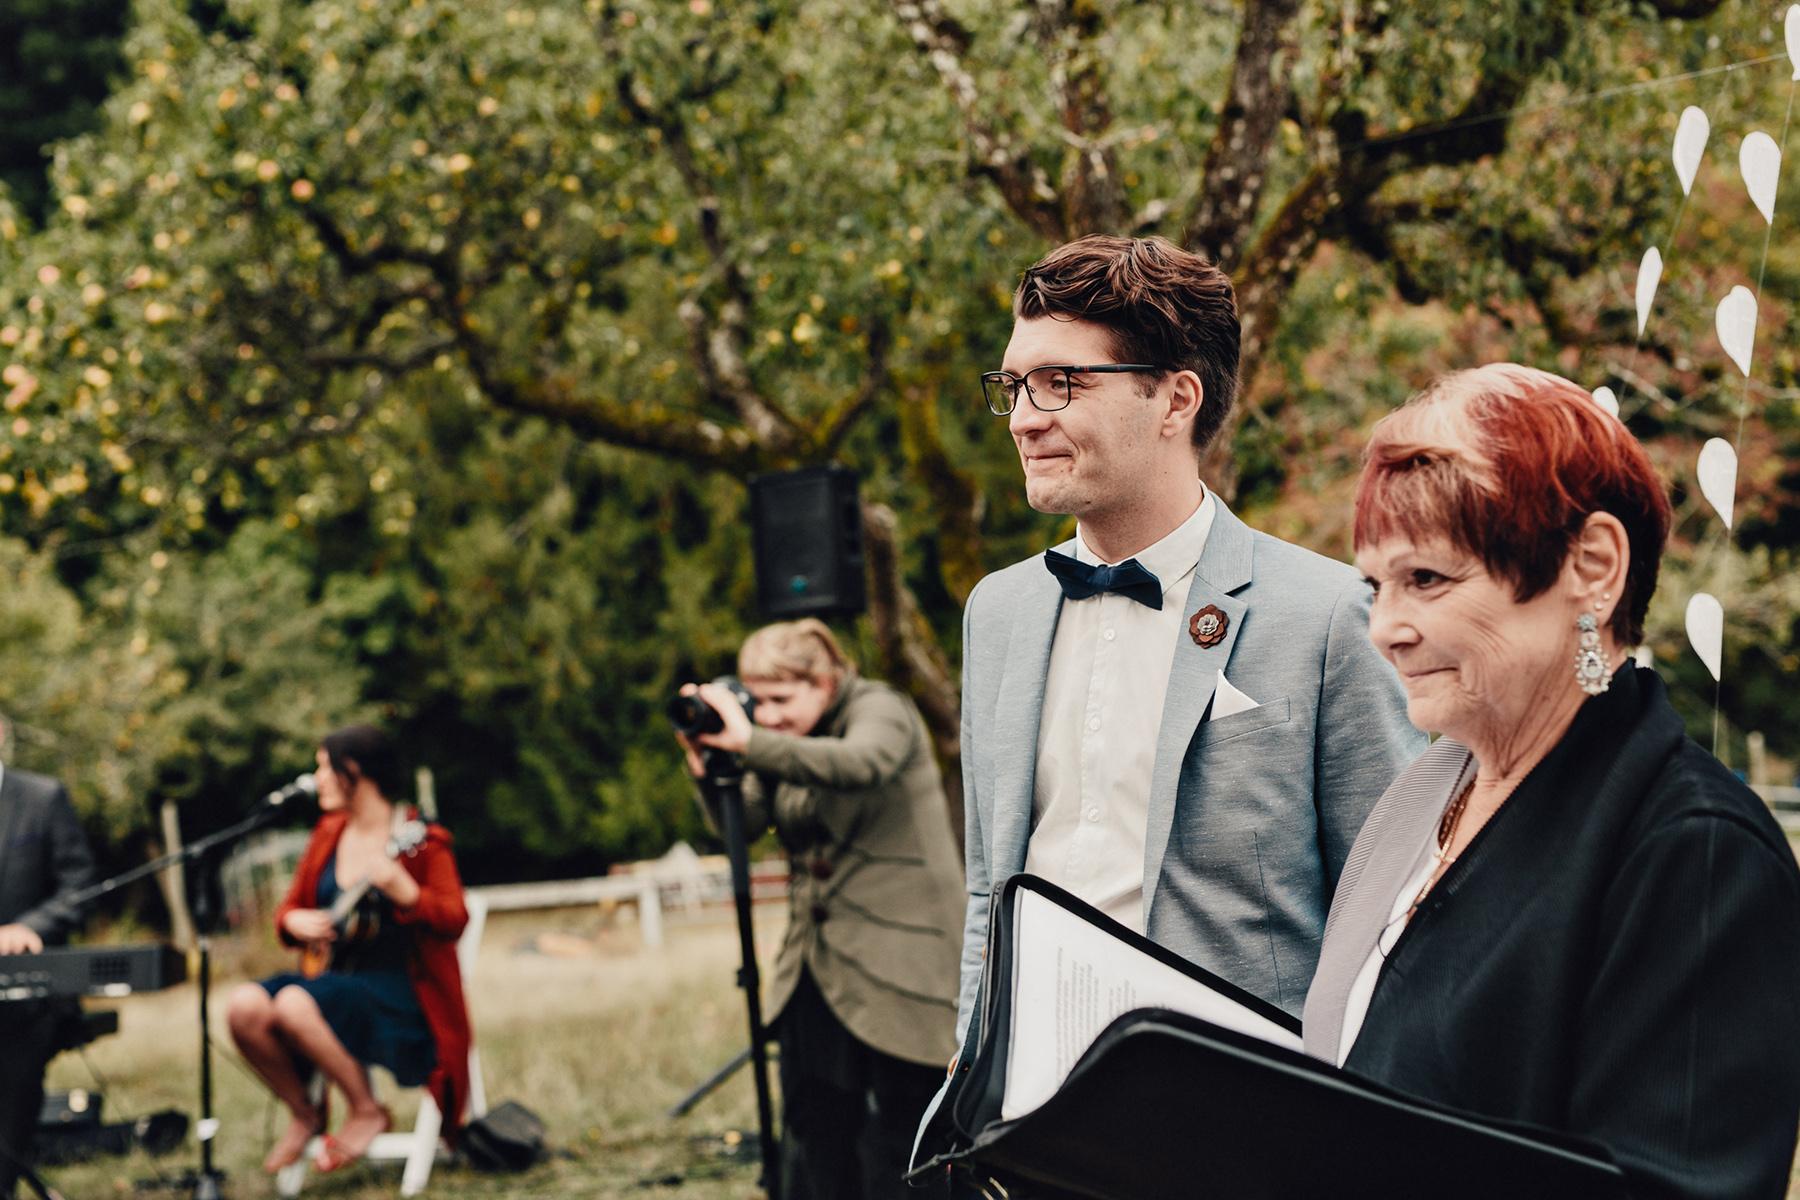 Glenrosa-Farms-Wedding-Photos-0222.jpg